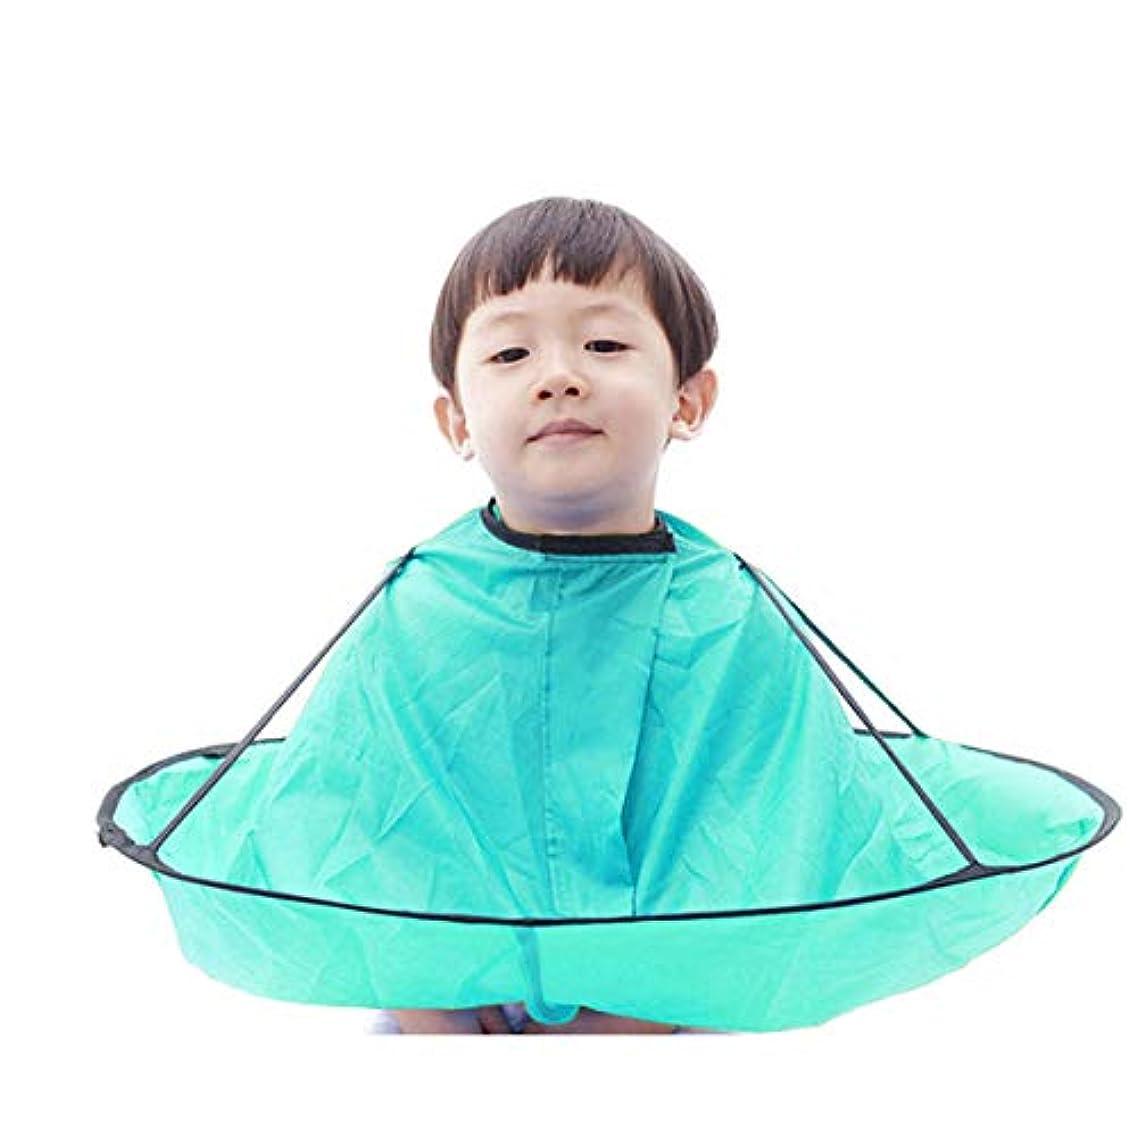 水がっかりする無礼に子供 散髪ケープ ヘアエプロン 散髪マント 刈布 ケープ 散髪道具 防水 水色